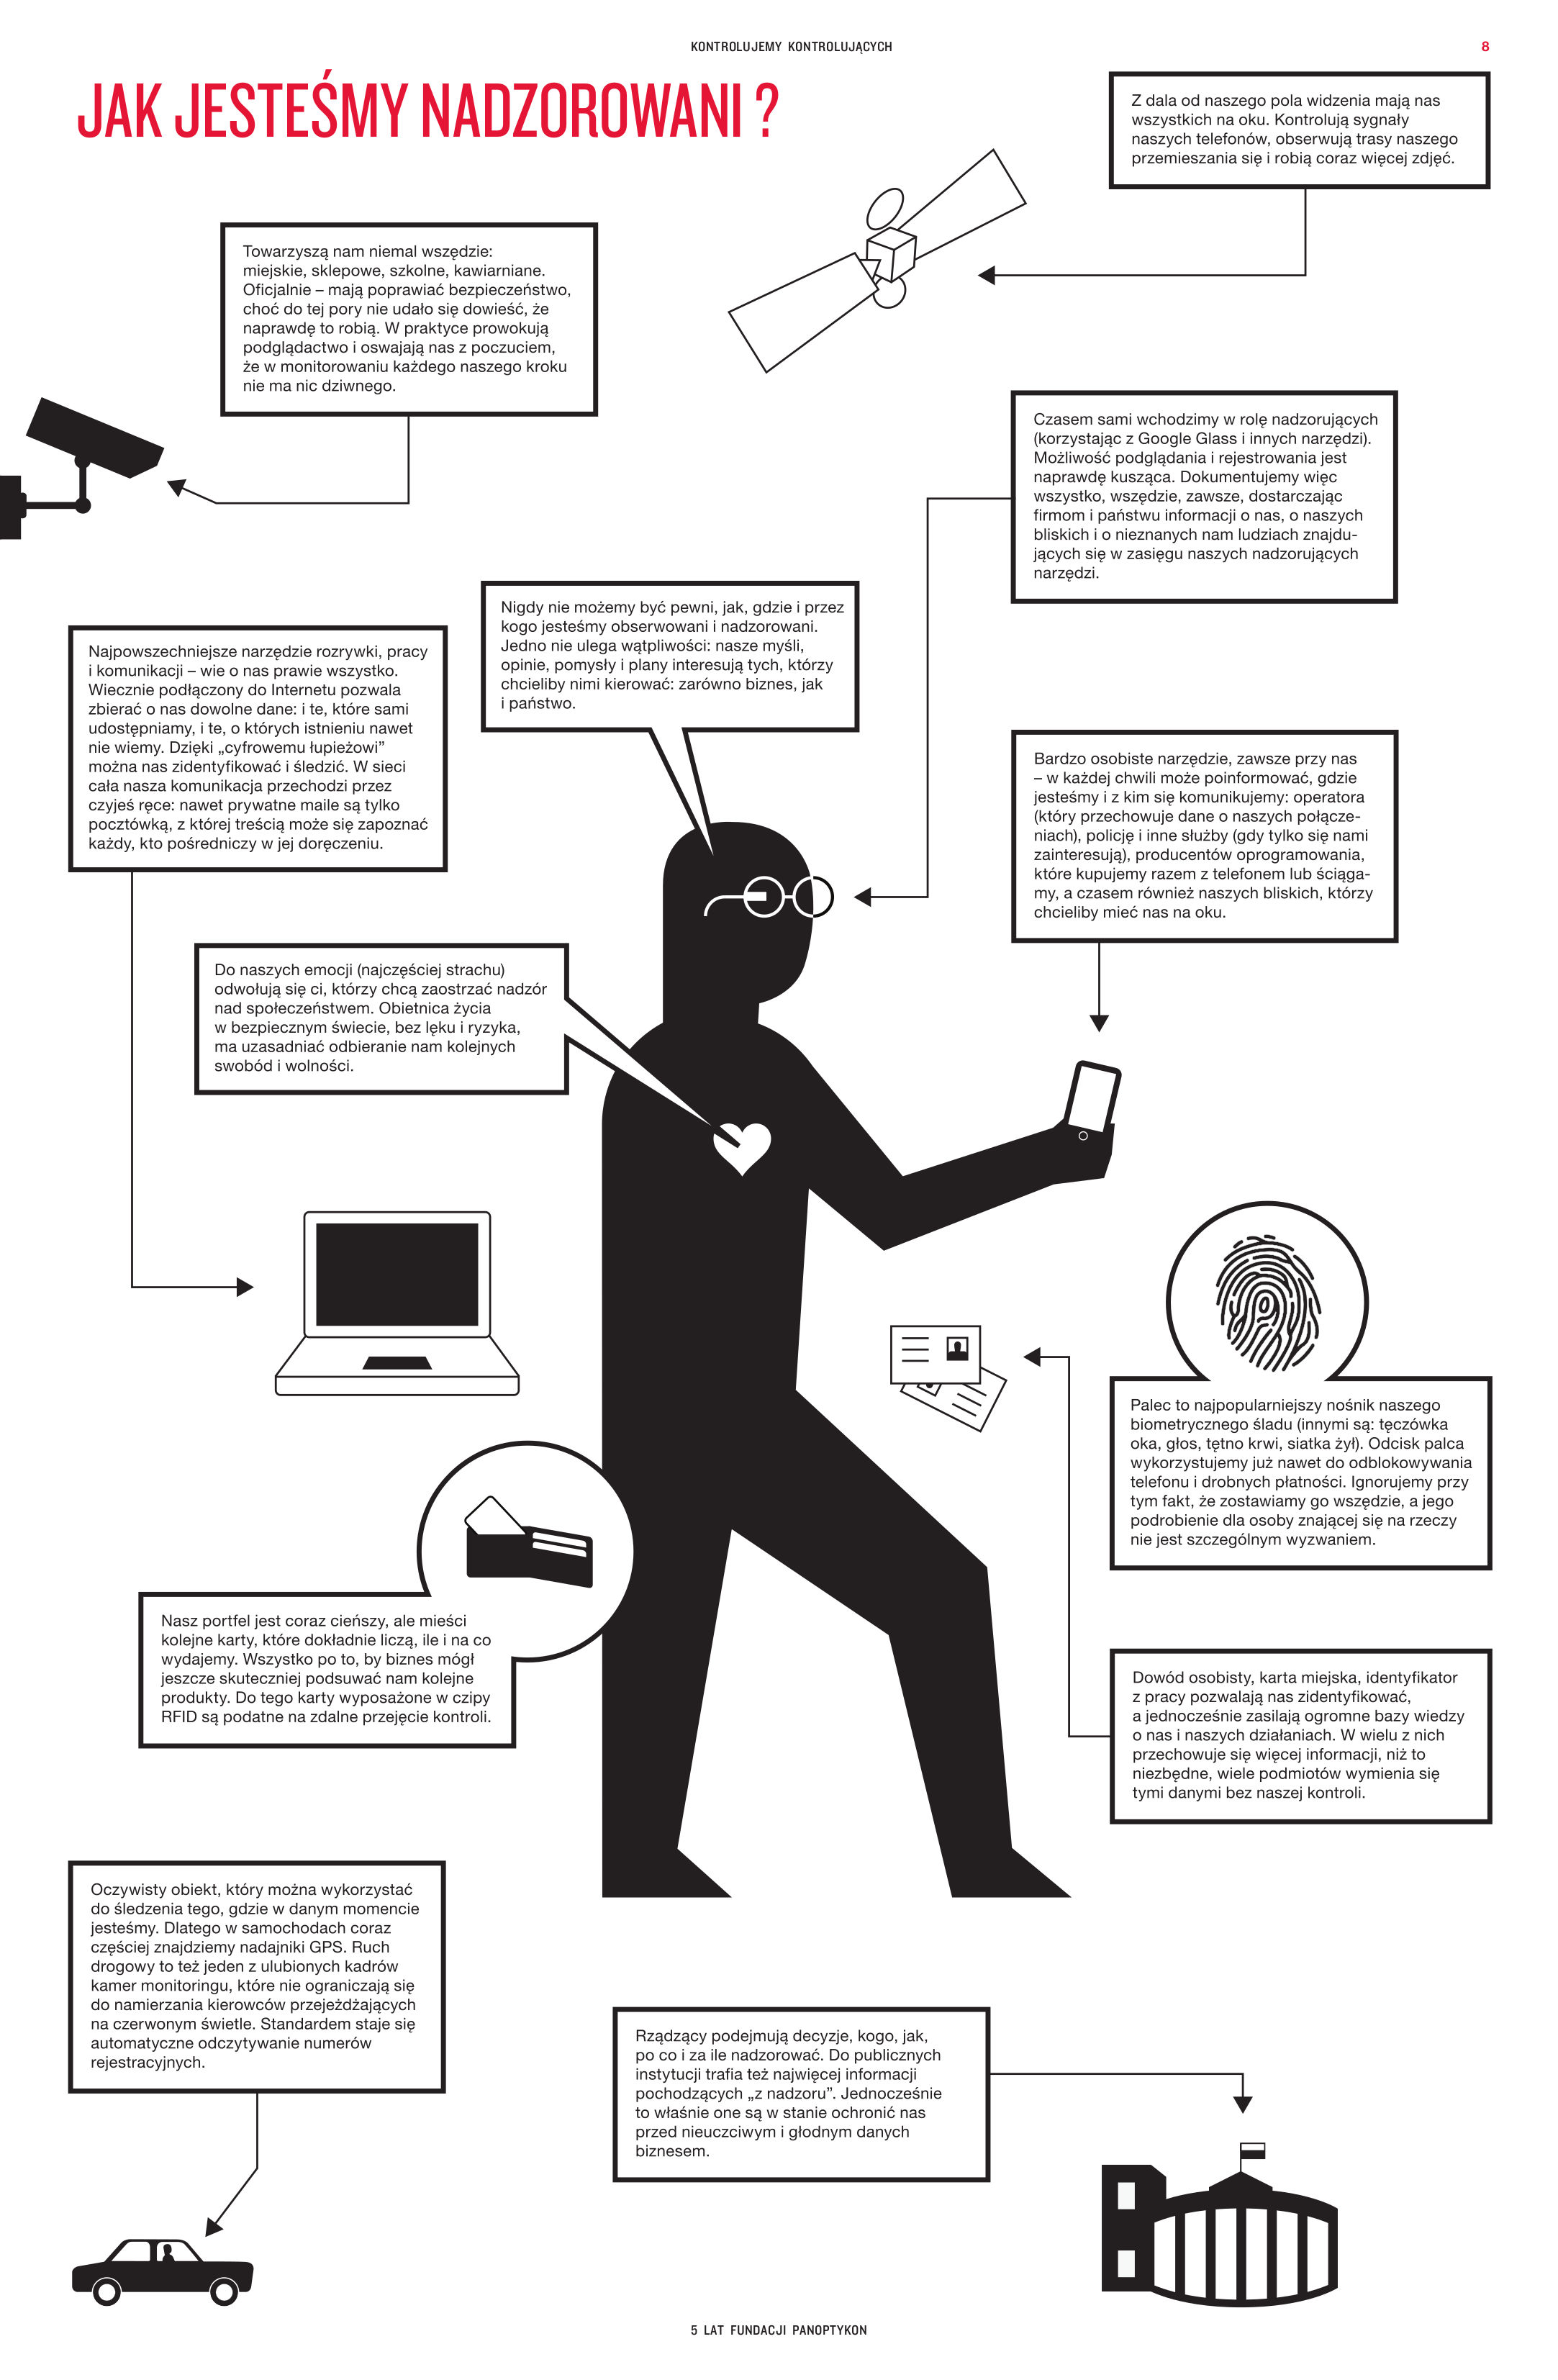 Jak jesteśmy nadzorowani? Ilustracja przedstawiająca przykłady nadzoru w życiu codziennym takie jak powszechność urządzeń GPS, czipów RFID, dokumentów z danymi biometrycznymi.